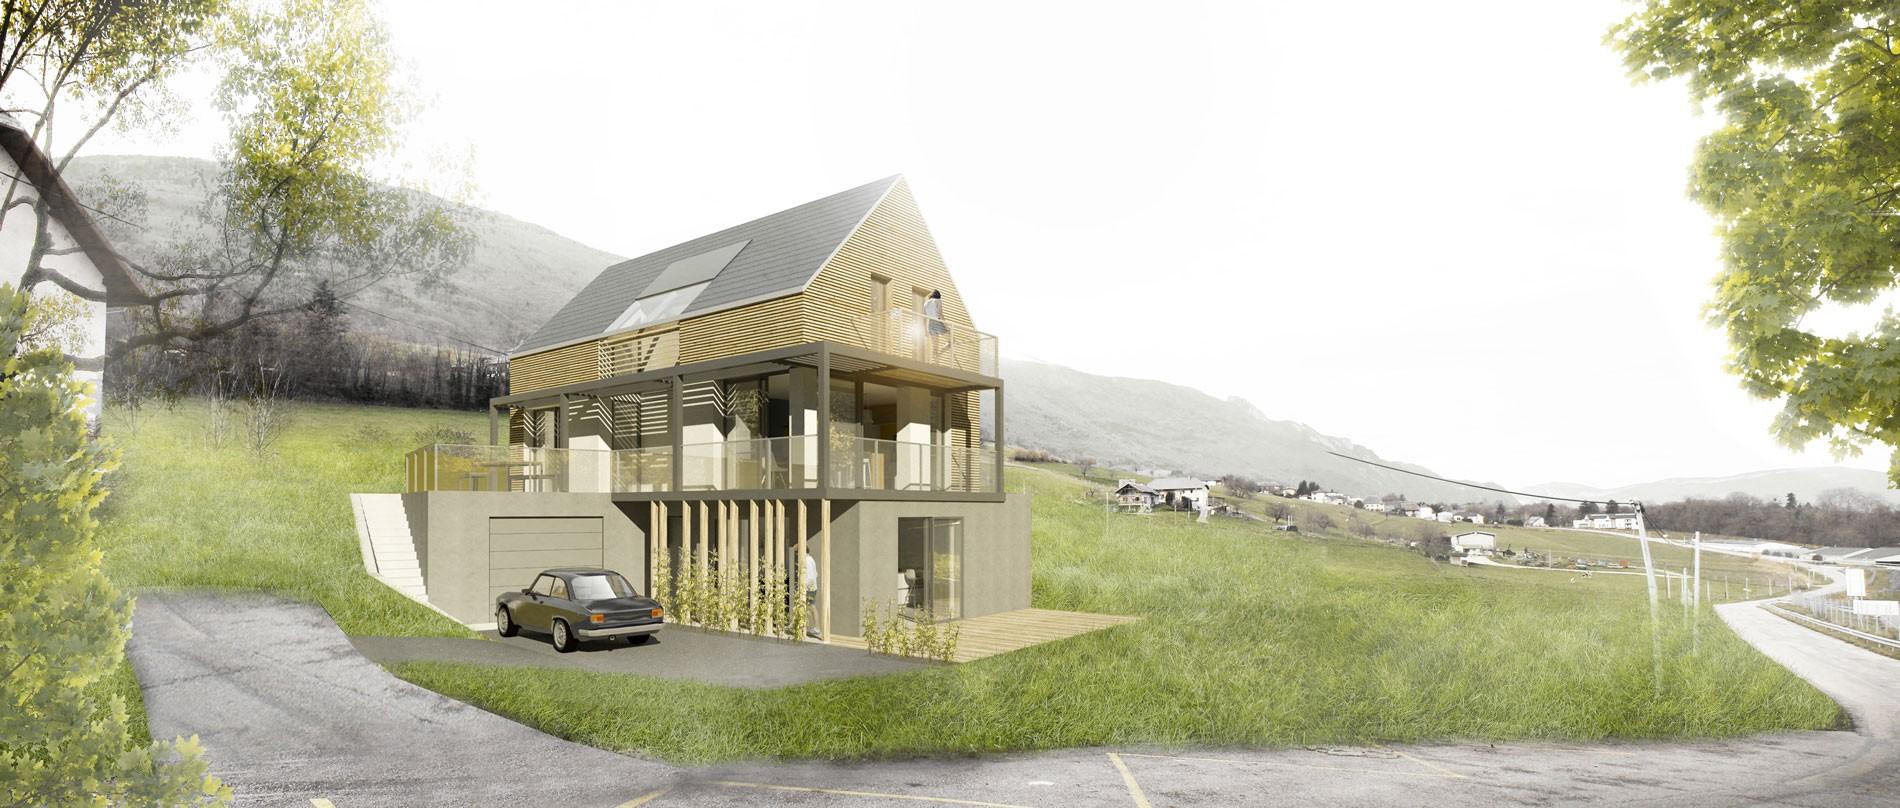 Maison individuelle en ossature bois